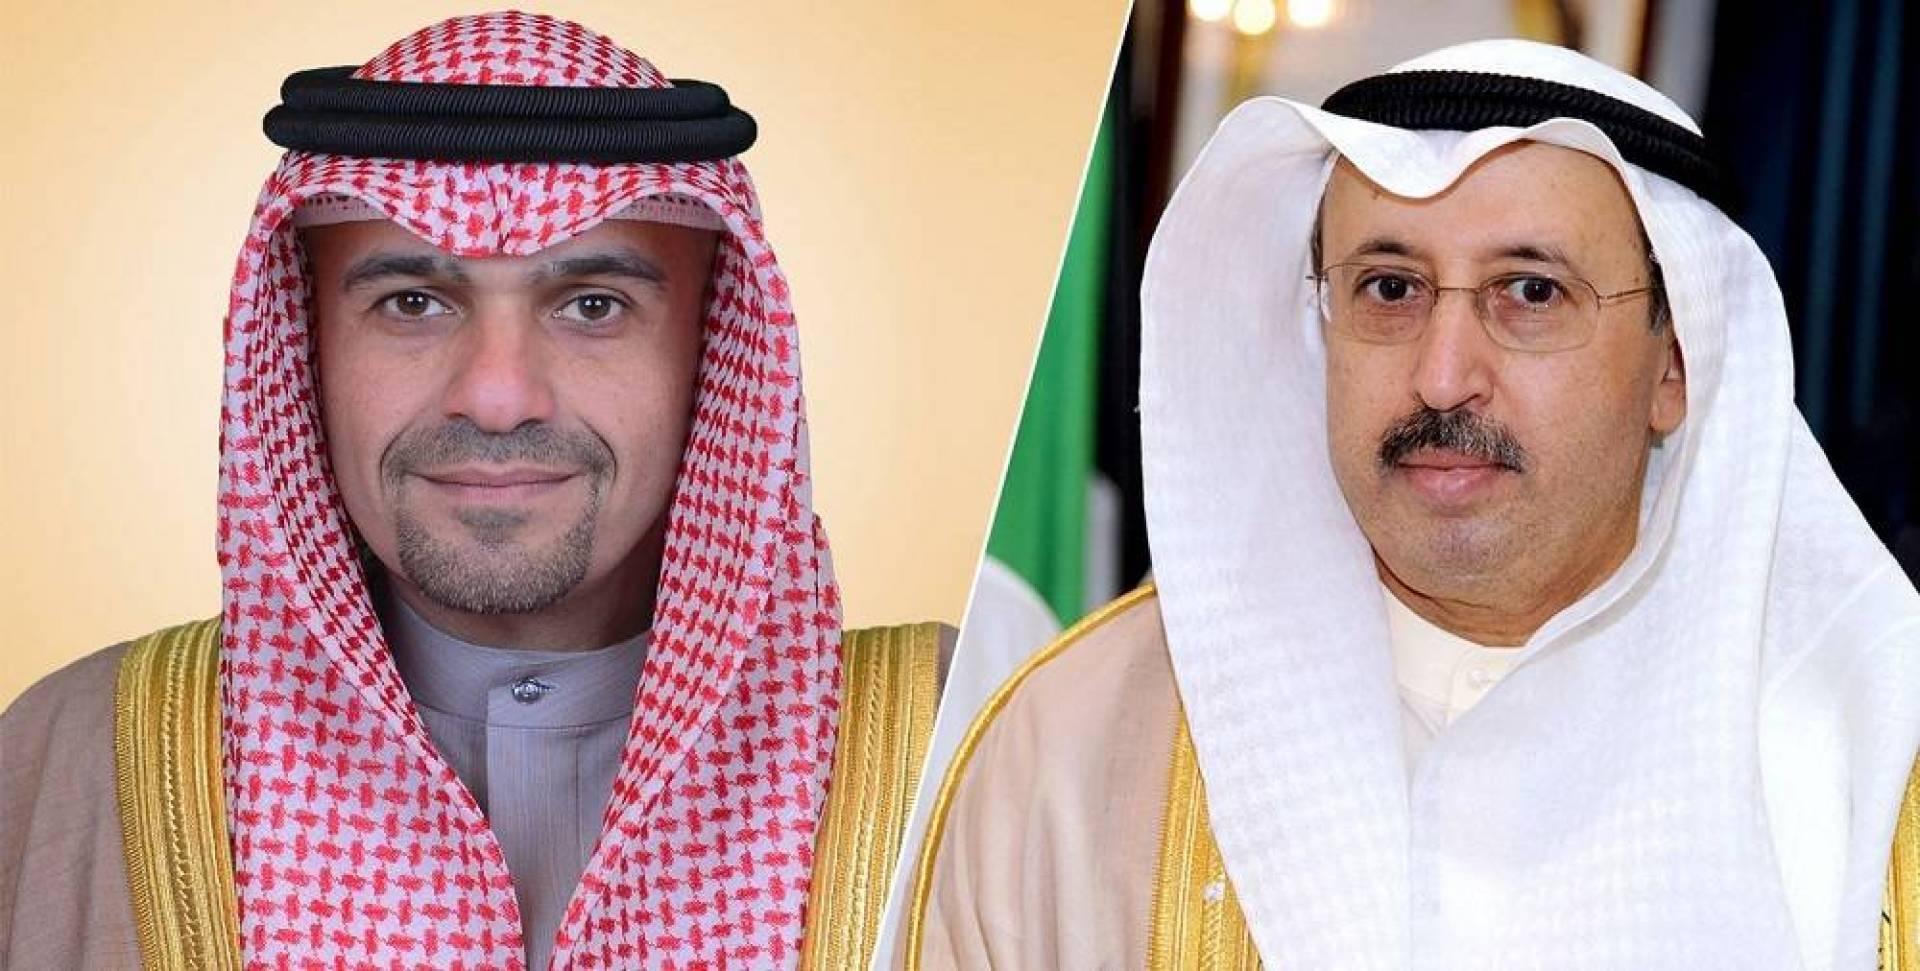 سامي النصف: أخطاء وزير الداخلية غير المسبوقة تتمثل في إحالة كبار الفاسدين للقضاء